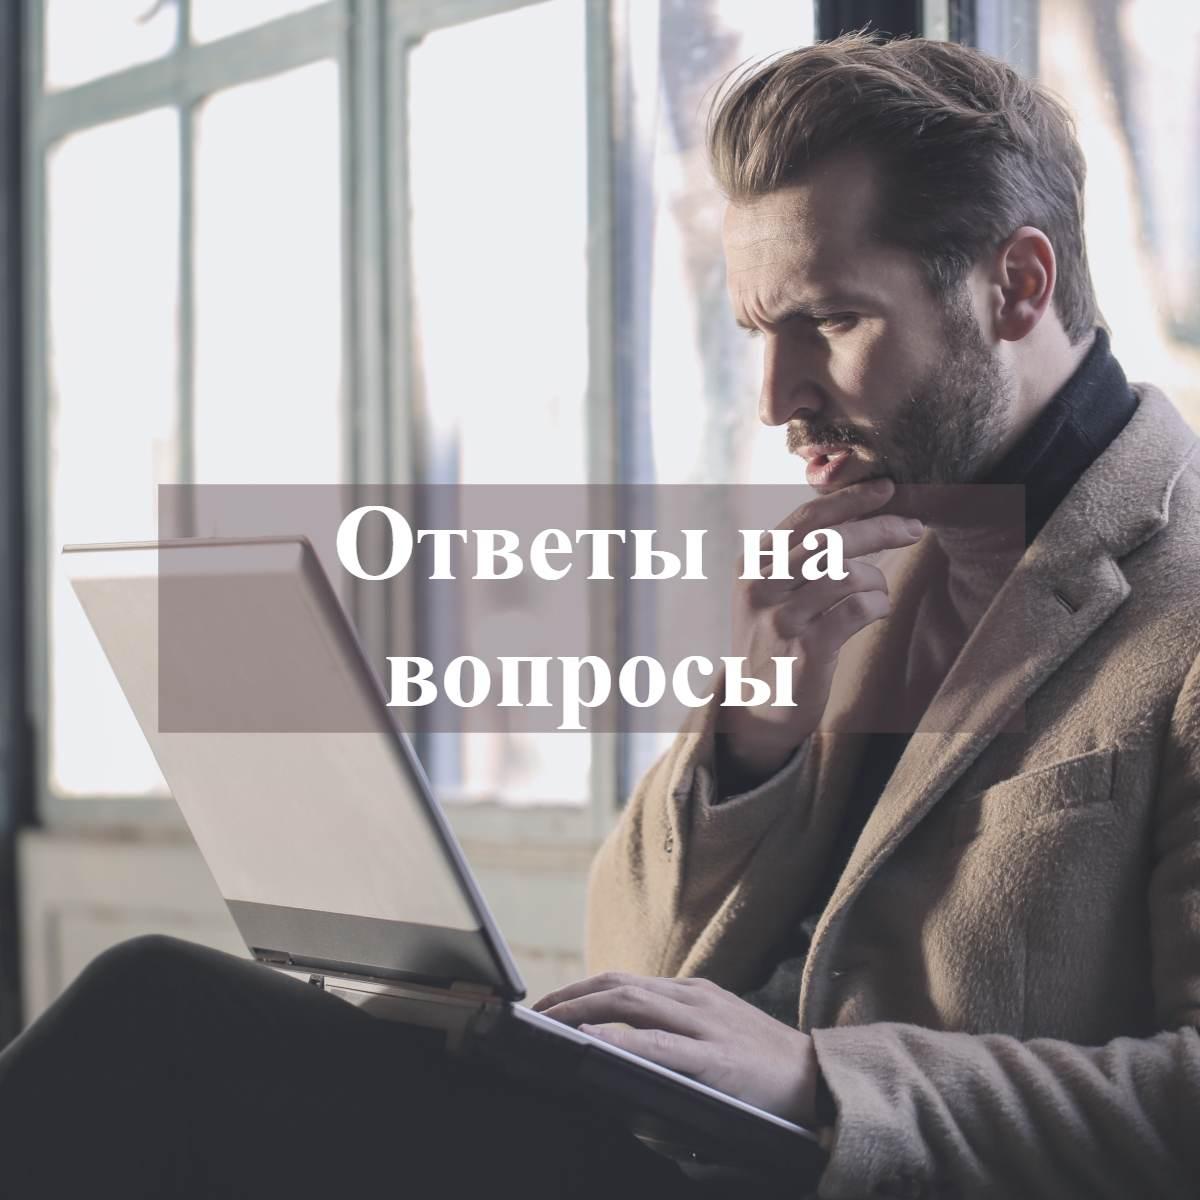 Ответы на вопросы по русскому языку